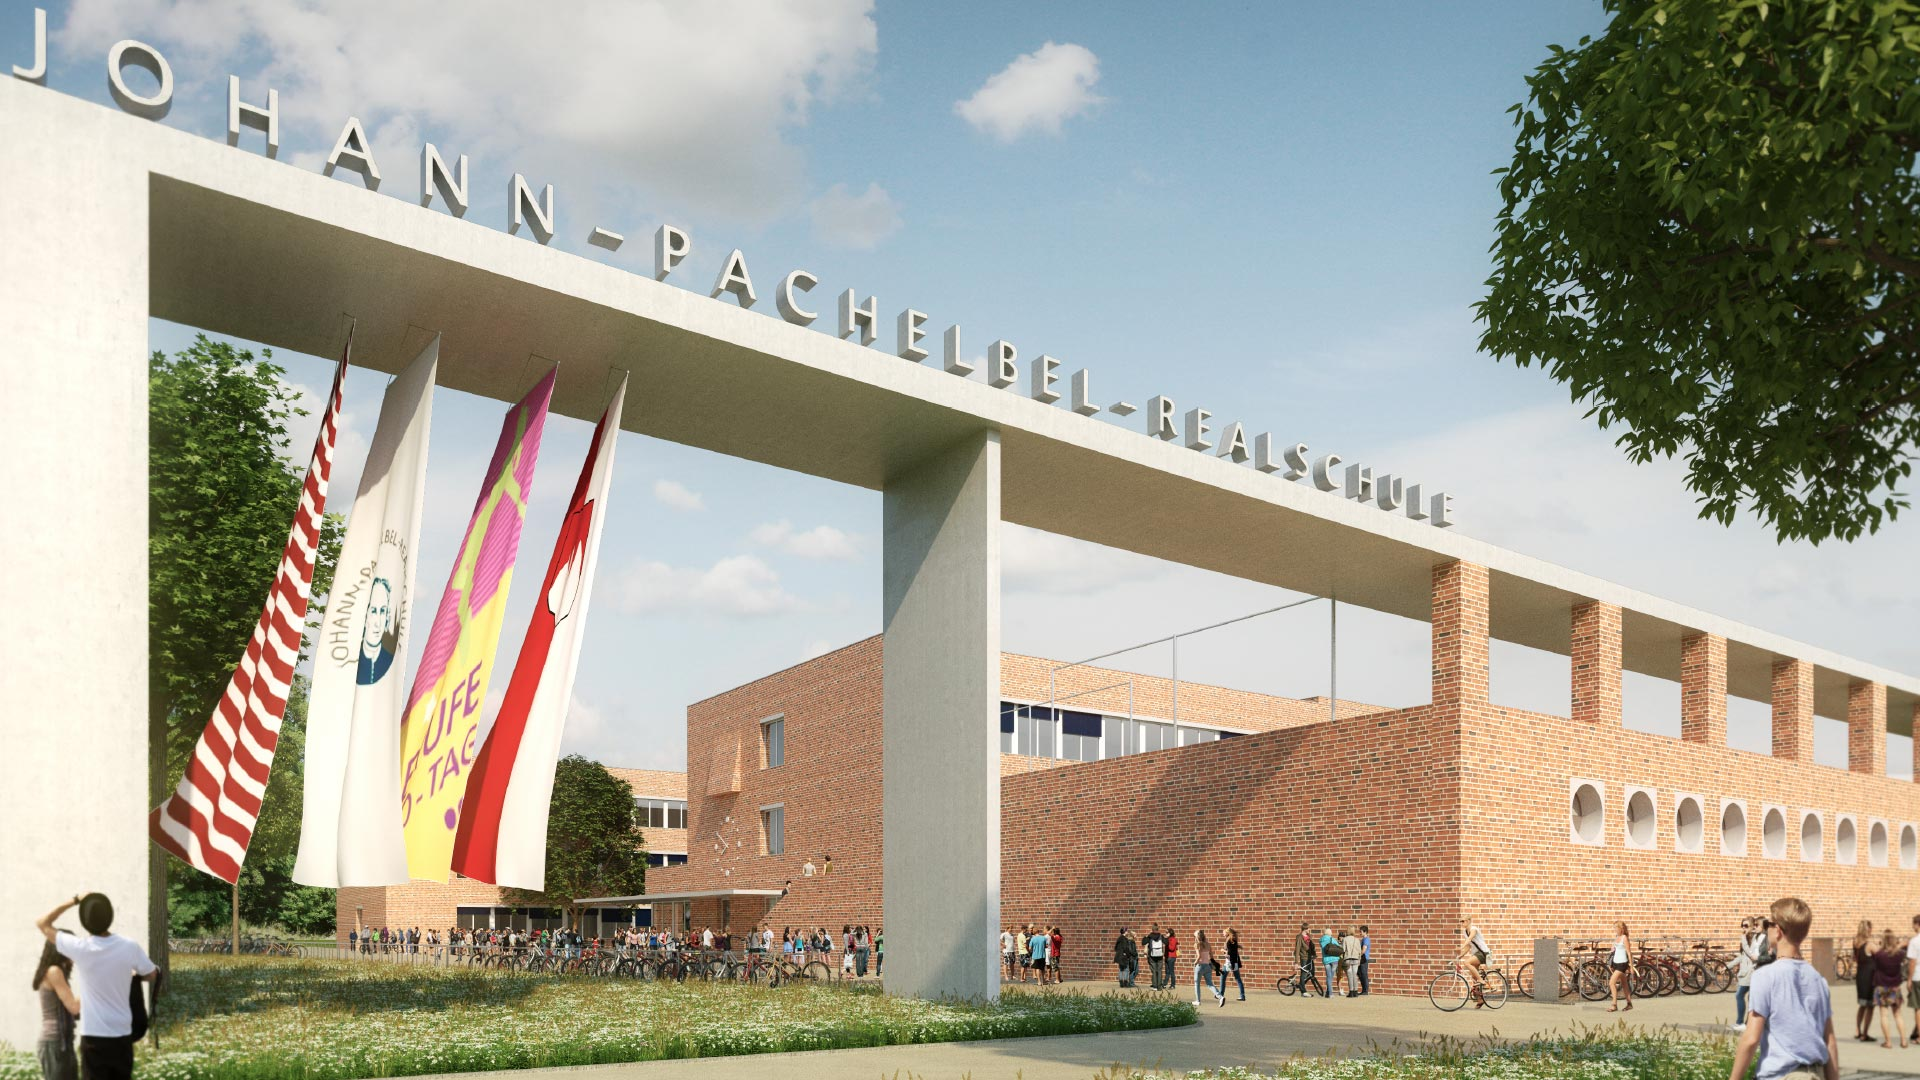 Johann-Pachelbel-Realschule/Fachoberschule II